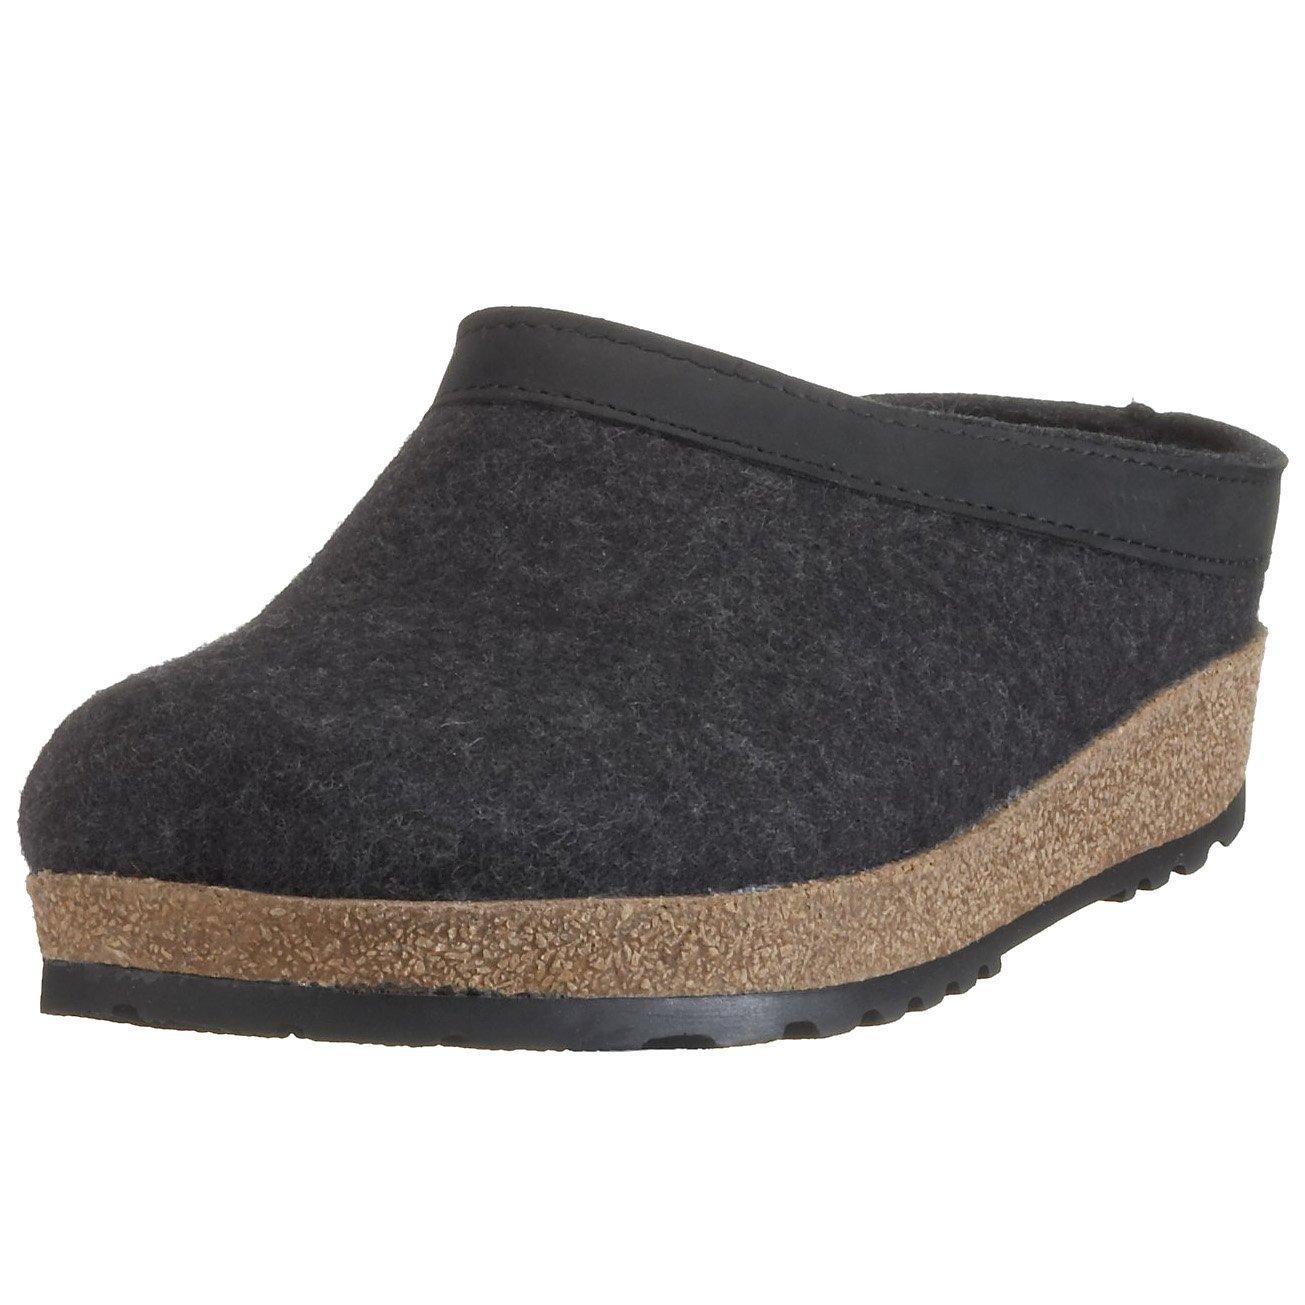 Haflinger 713001_unisex, Pantofole non imbottite Unisex adulto Unisex – Adulto grigio